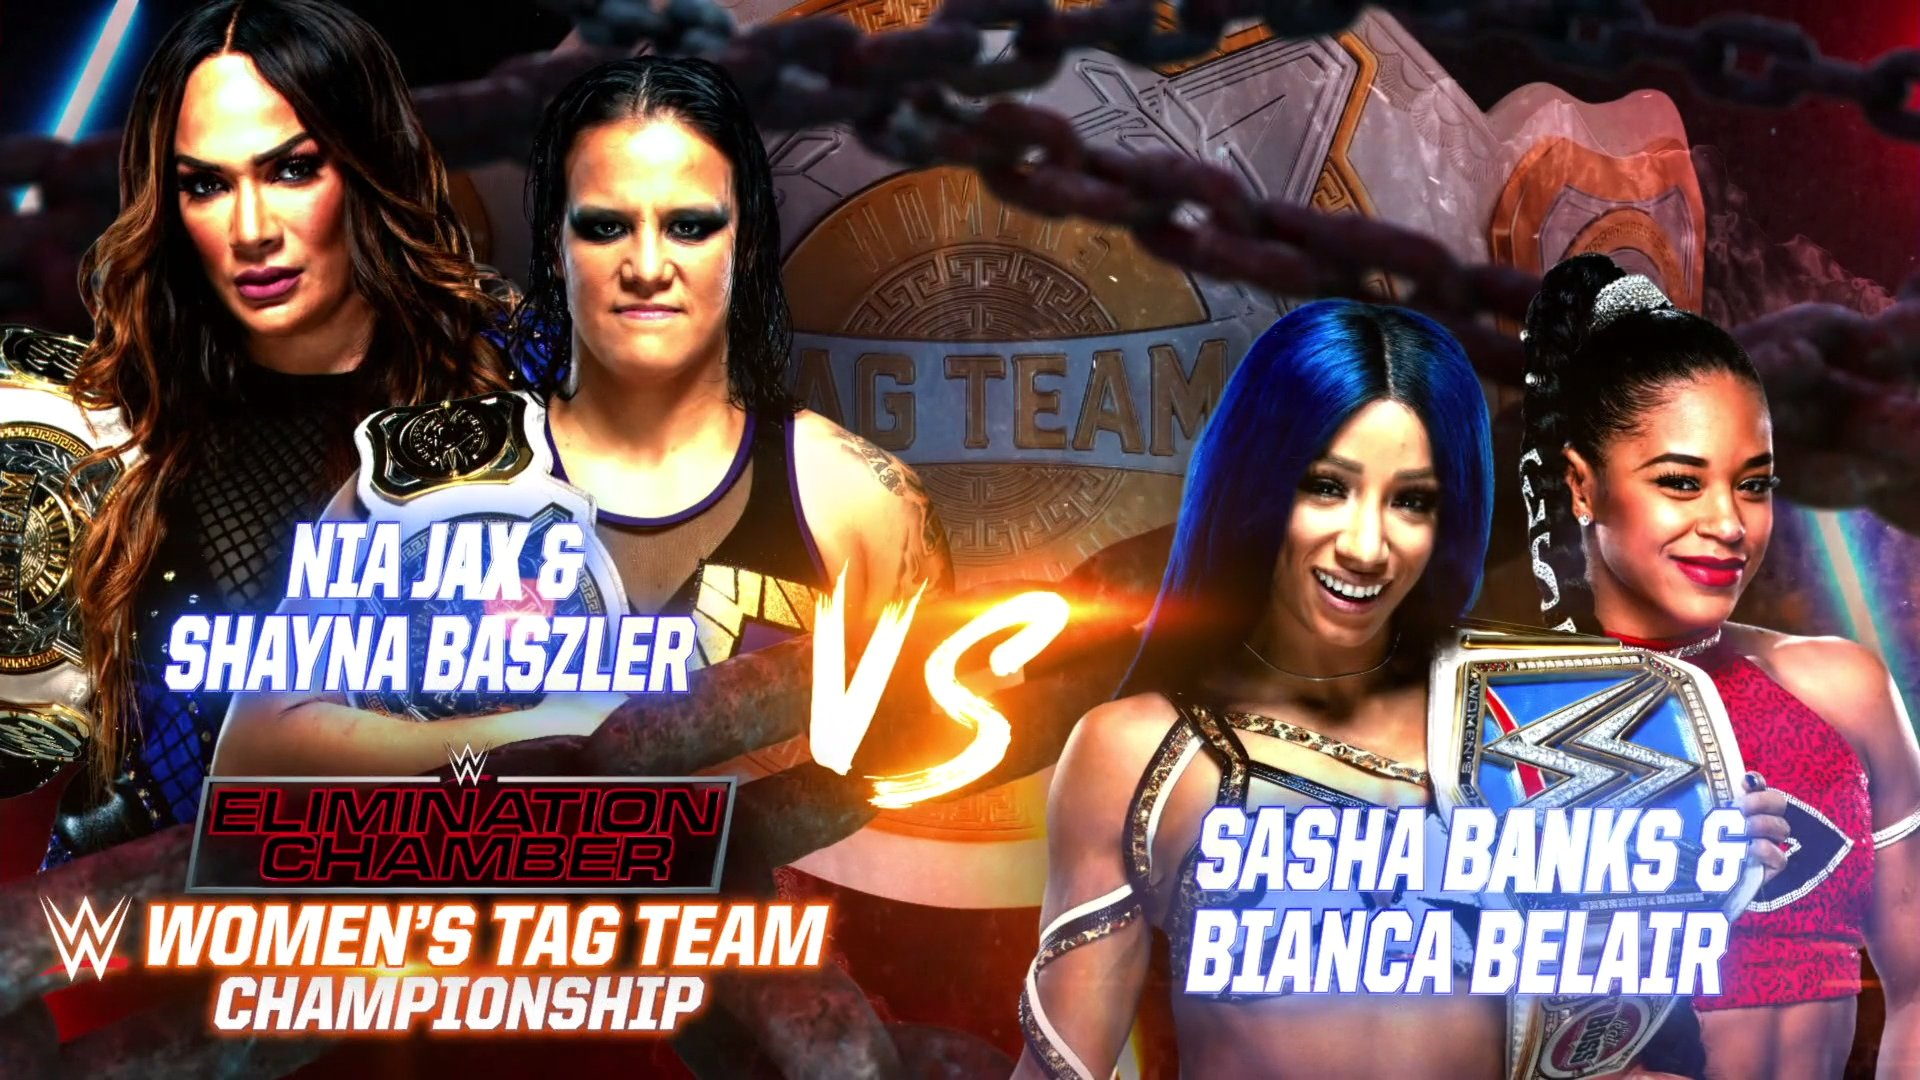 Nia Jax et Shayna Baszler contre Sasha Banks et Bianca Belair - Chambre d'élimination 2021